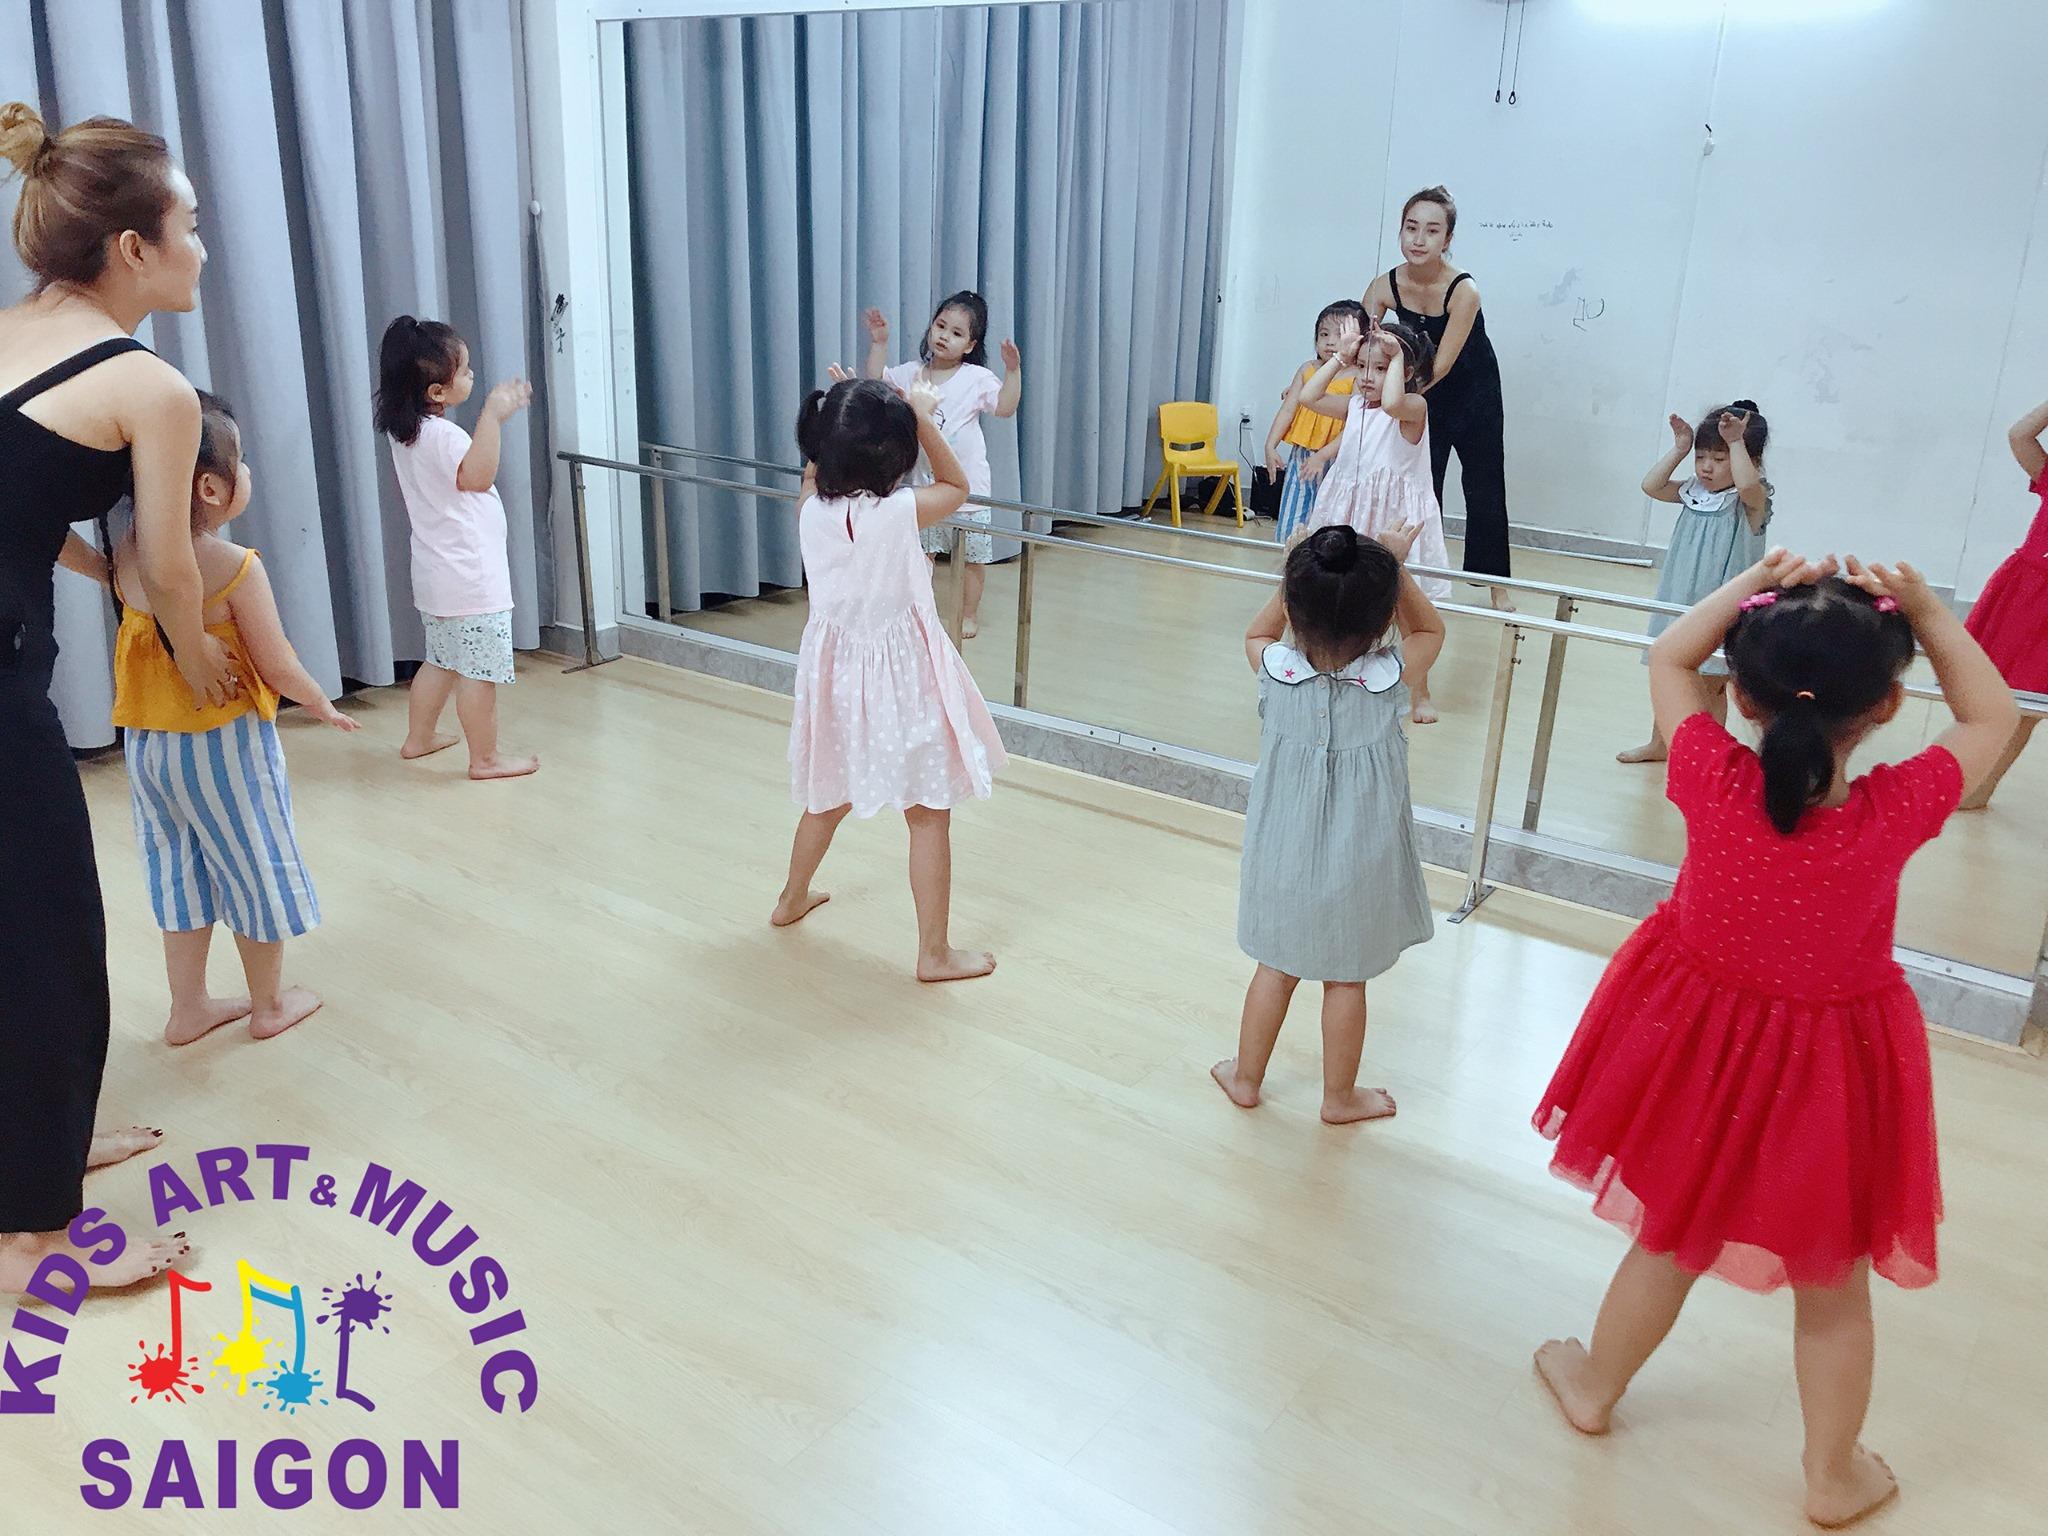 Tập múa bụng : Bí quyết để có 1 thân hình chuẩn không cần chỉnh ! hình ảnh 3